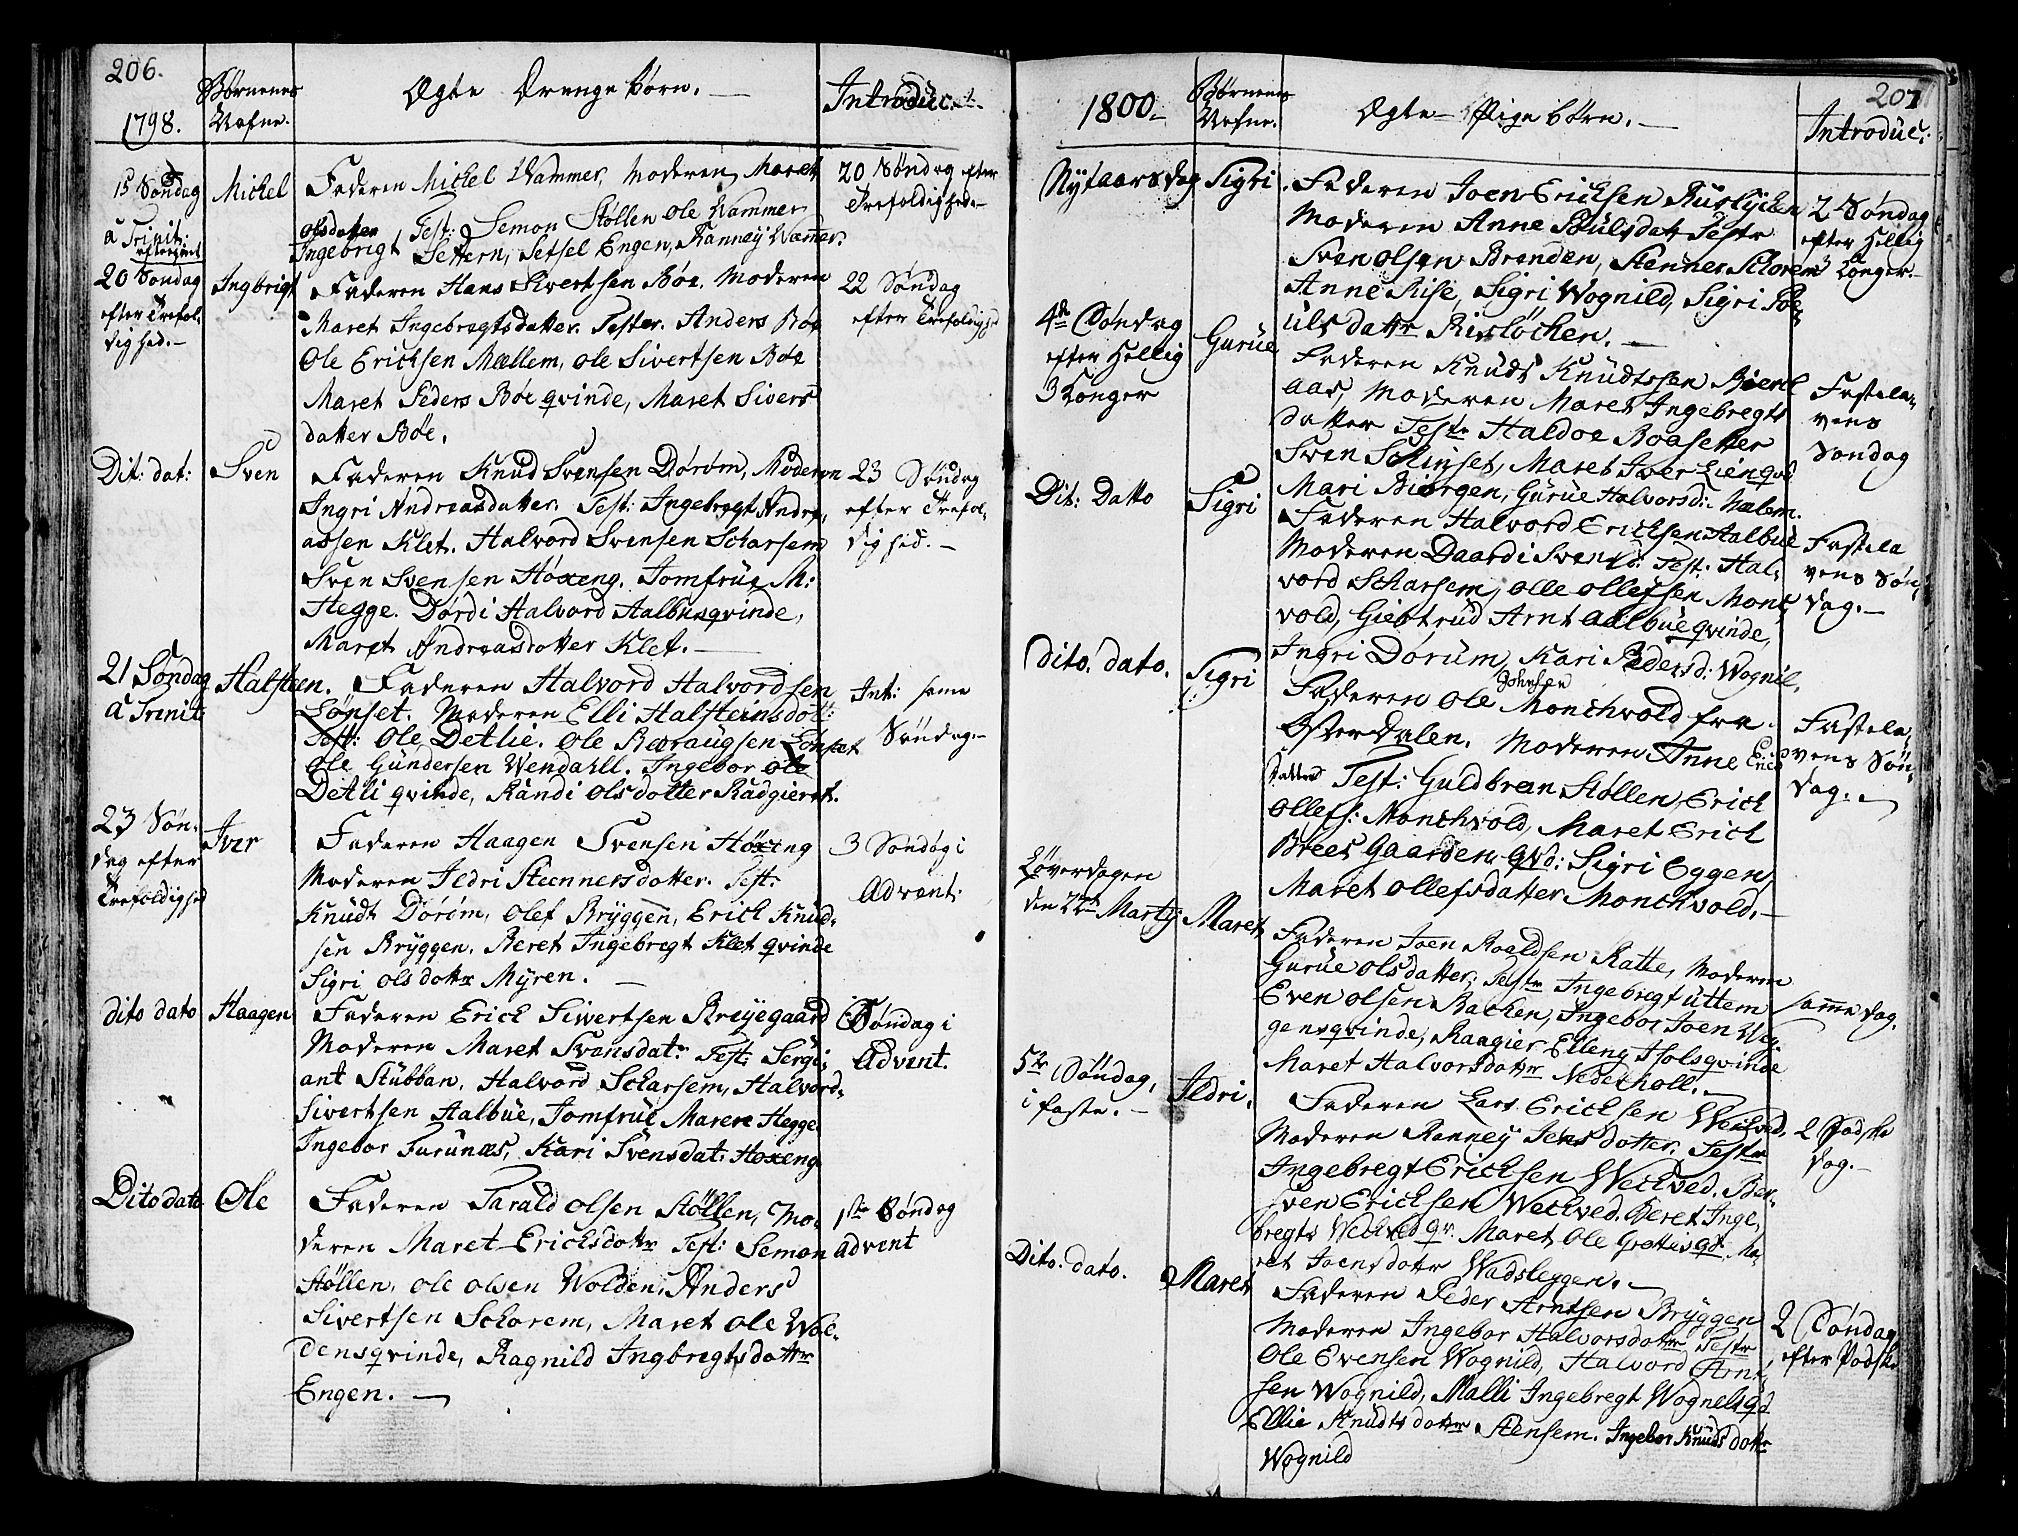 SAT, Ministerialprotokoller, klokkerbøker og fødselsregistre - Sør-Trøndelag, 678/L0893: Ministerialbok nr. 678A03, 1792-1805, s. 206-207